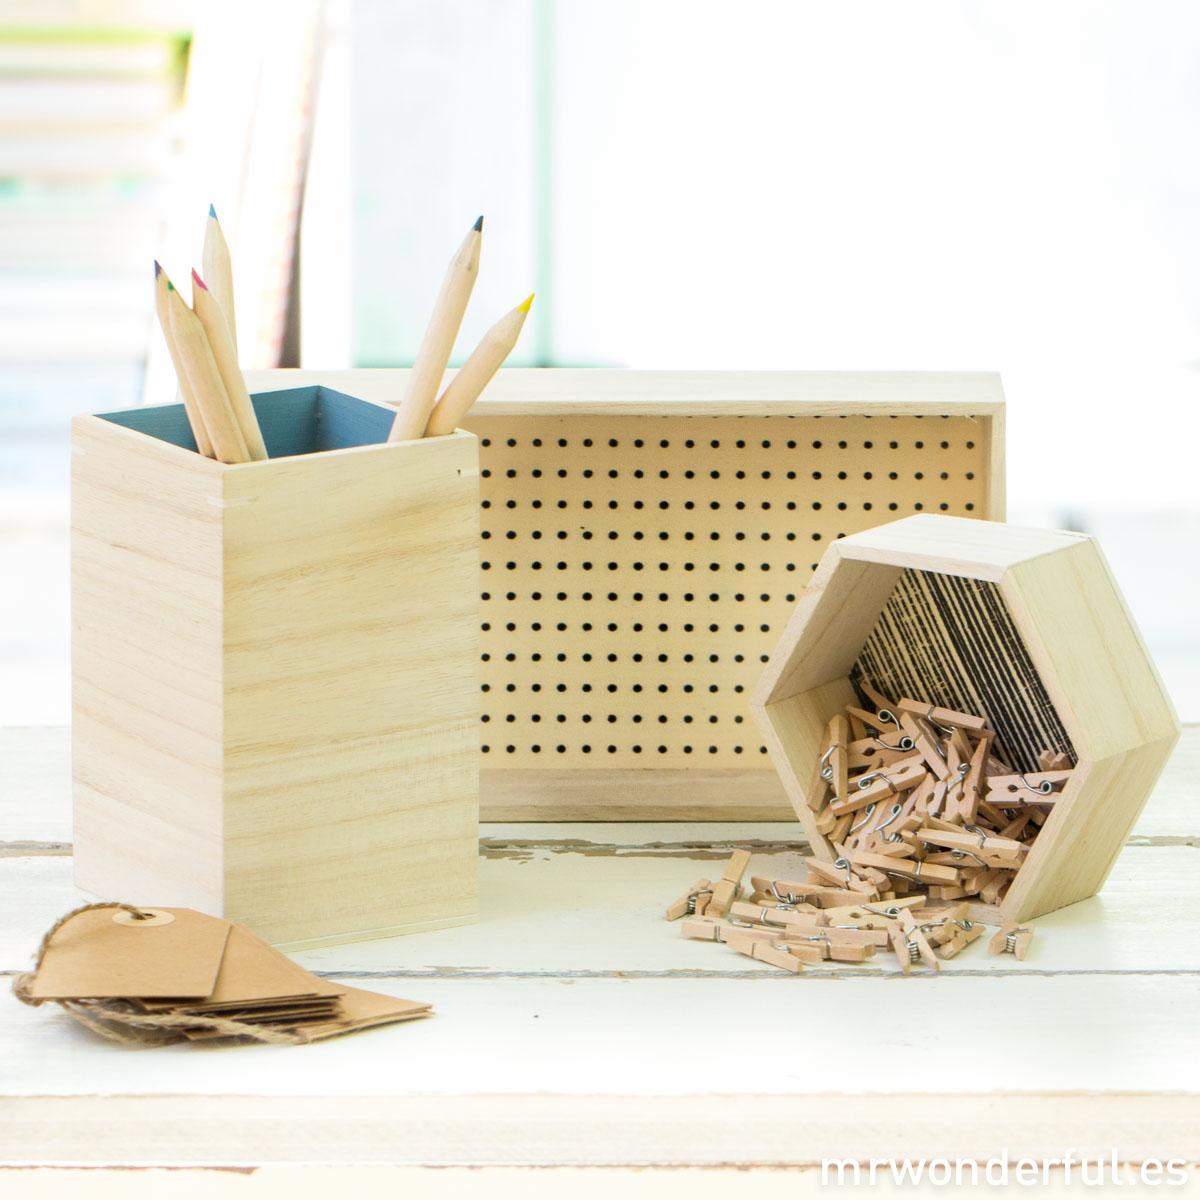 mrwonderful_SU0226_set-3-organizadores_madera-escritorio-16